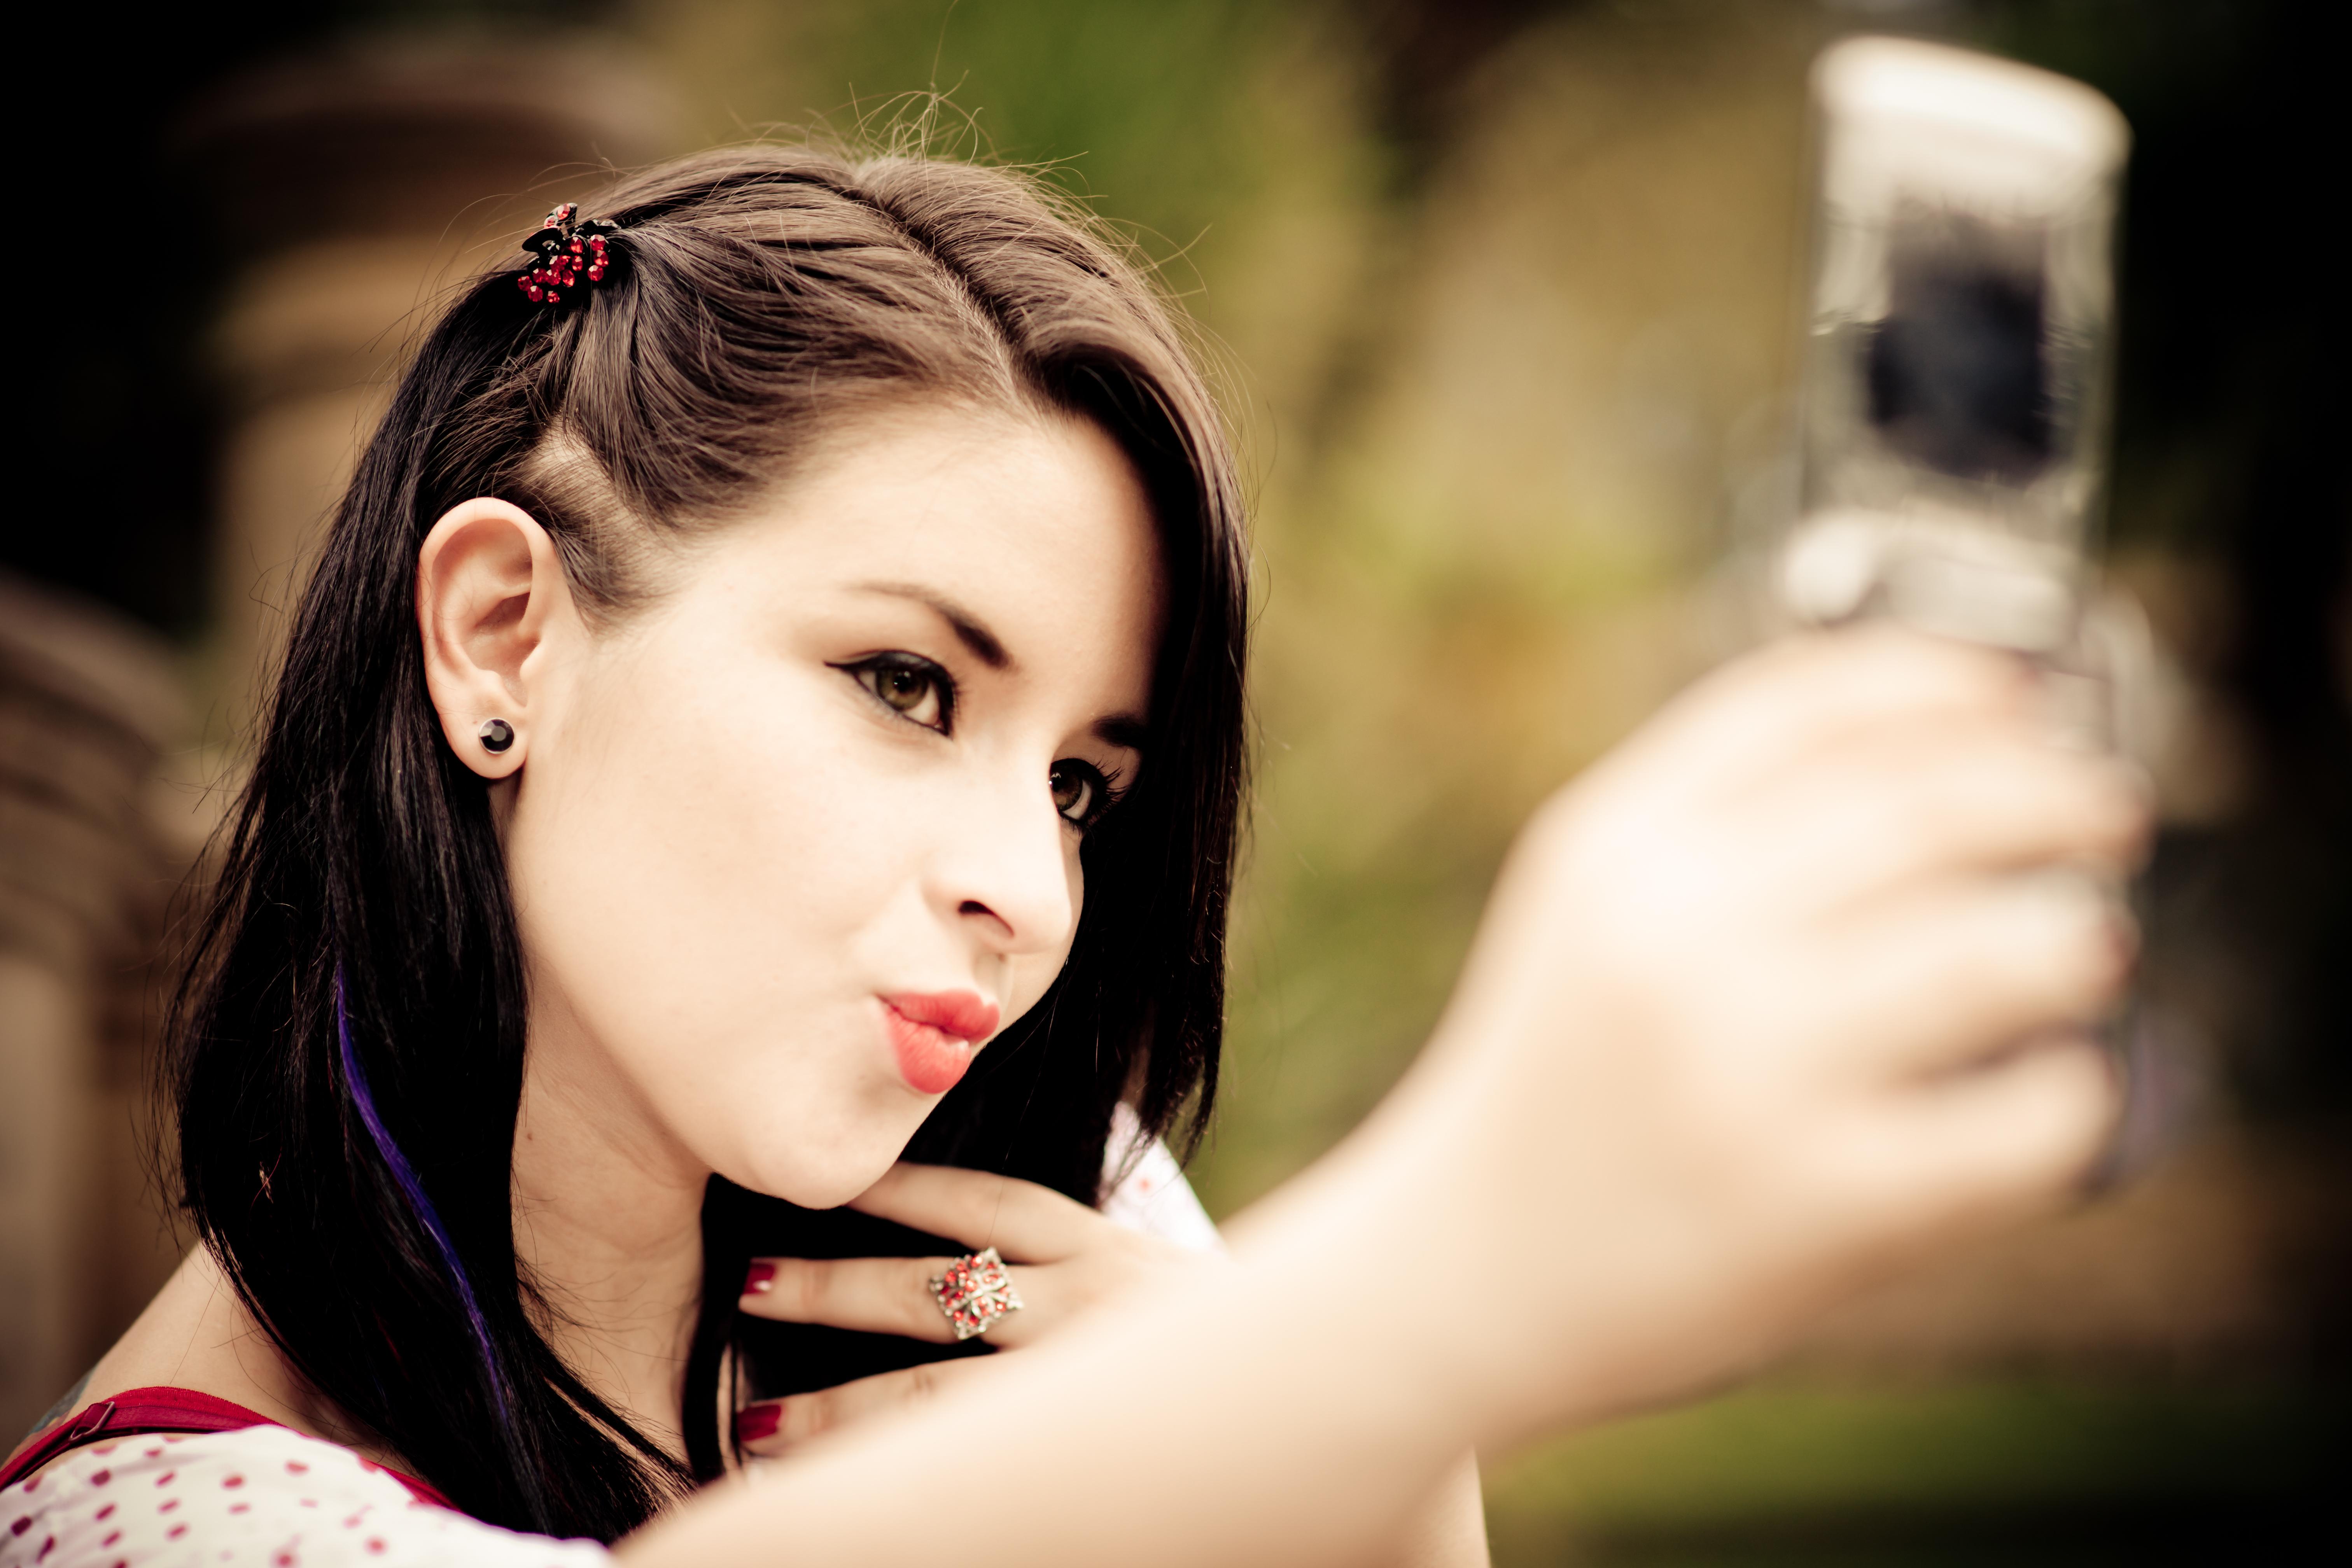 x pro II foto selfie